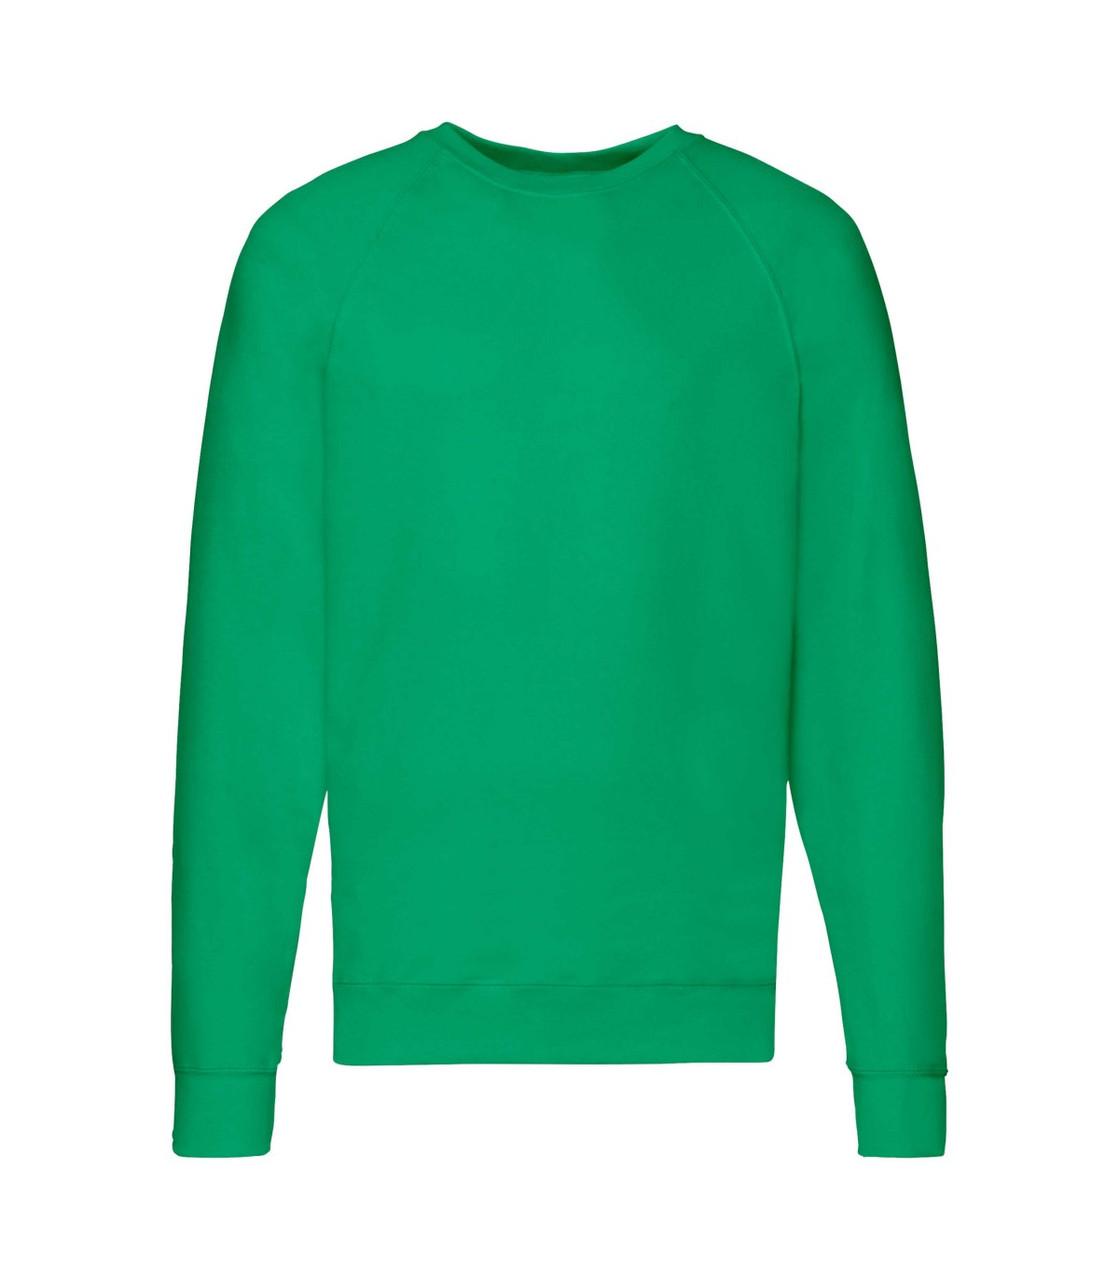 Мужской свитшот легкий зеленый 138-47